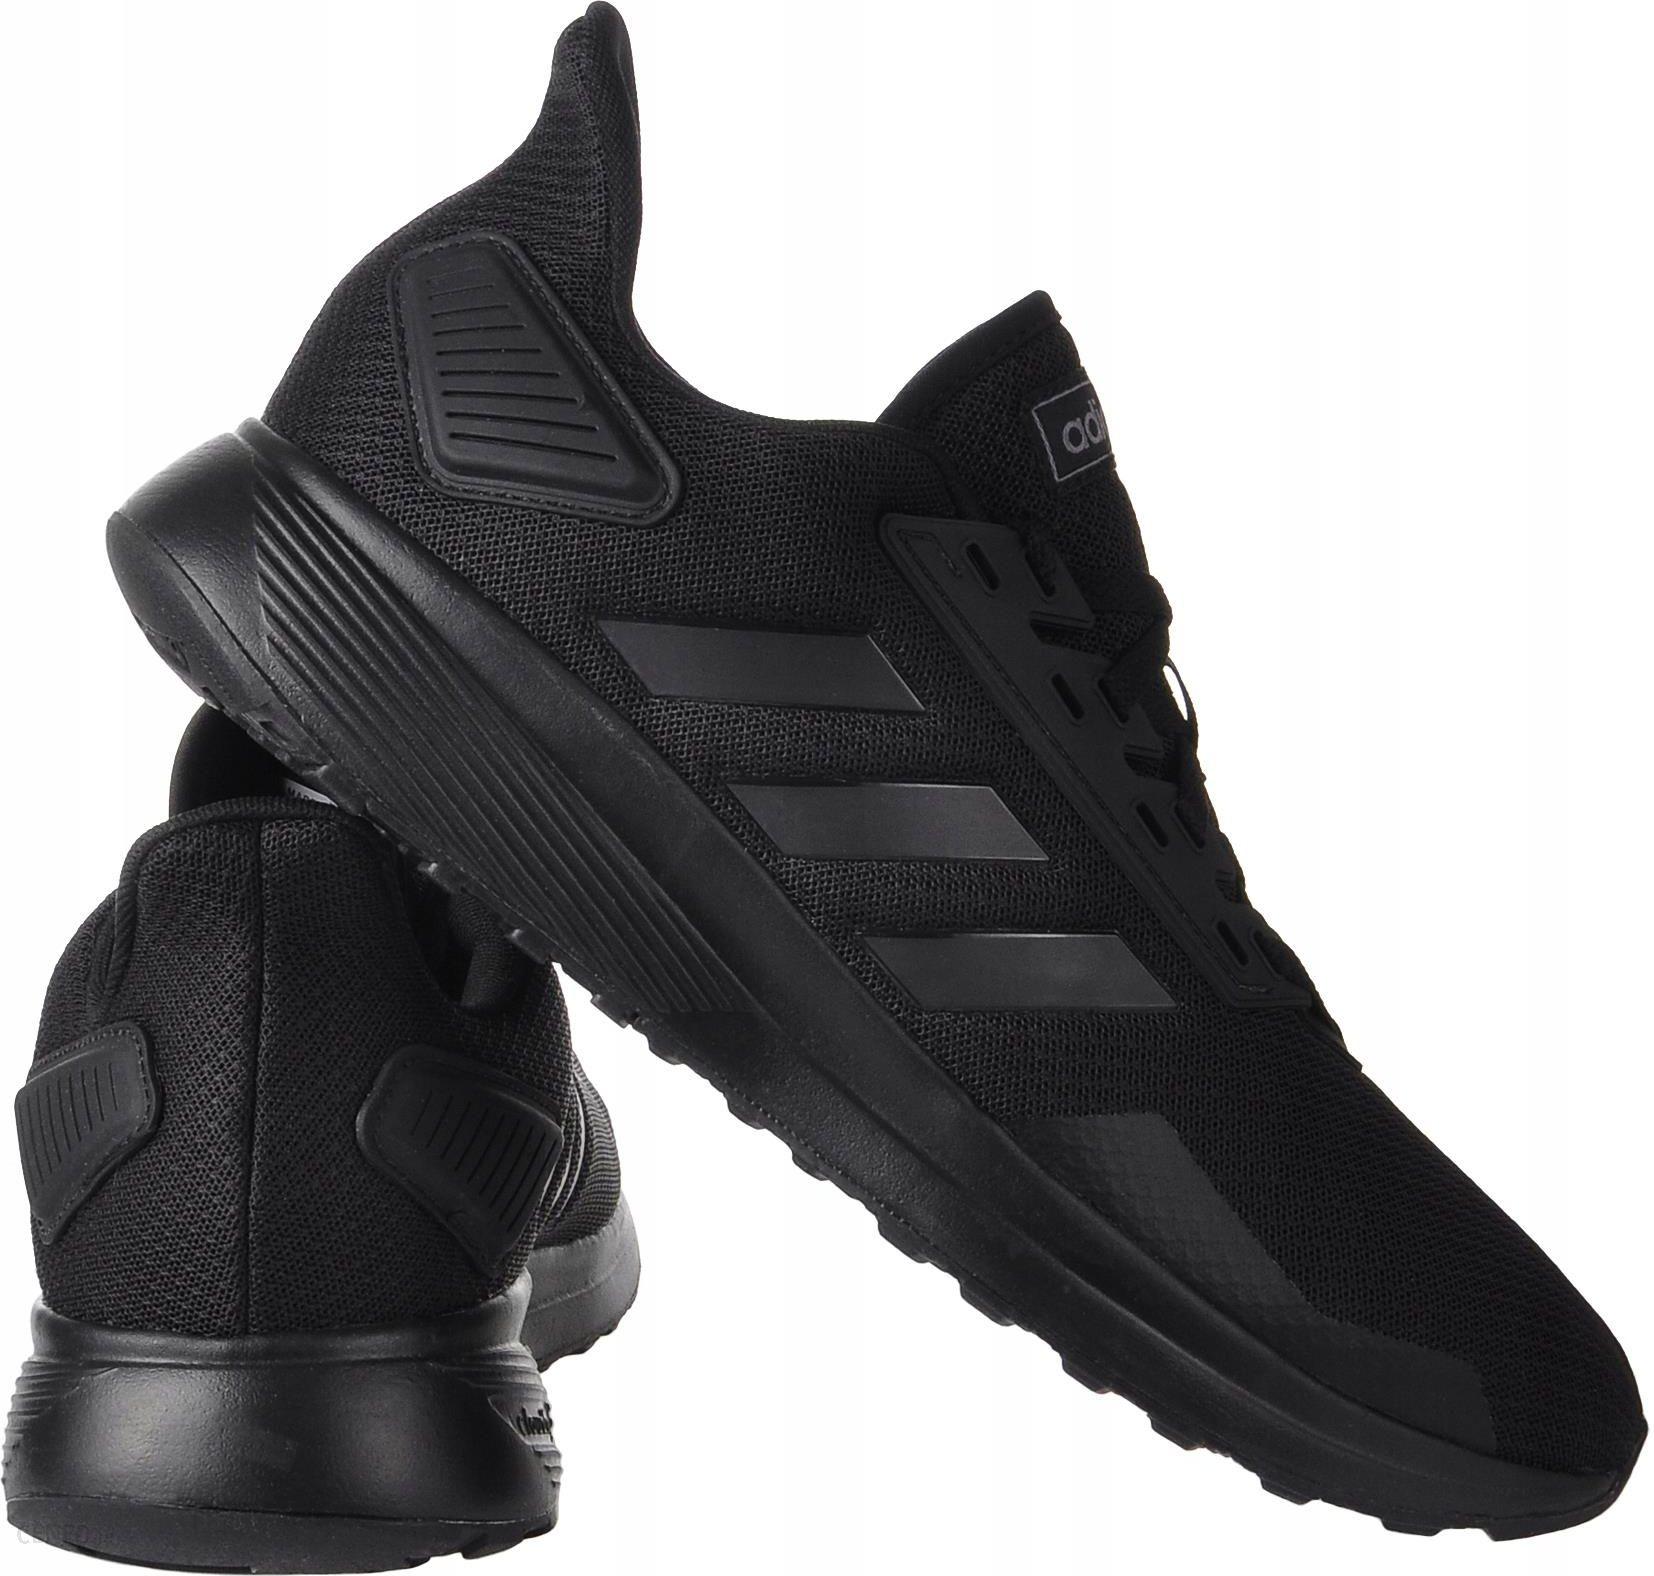 Buty męskie Adidas Duramo 9 B96578 Czarne r.42 Ceny i opinie Ceneo.pl